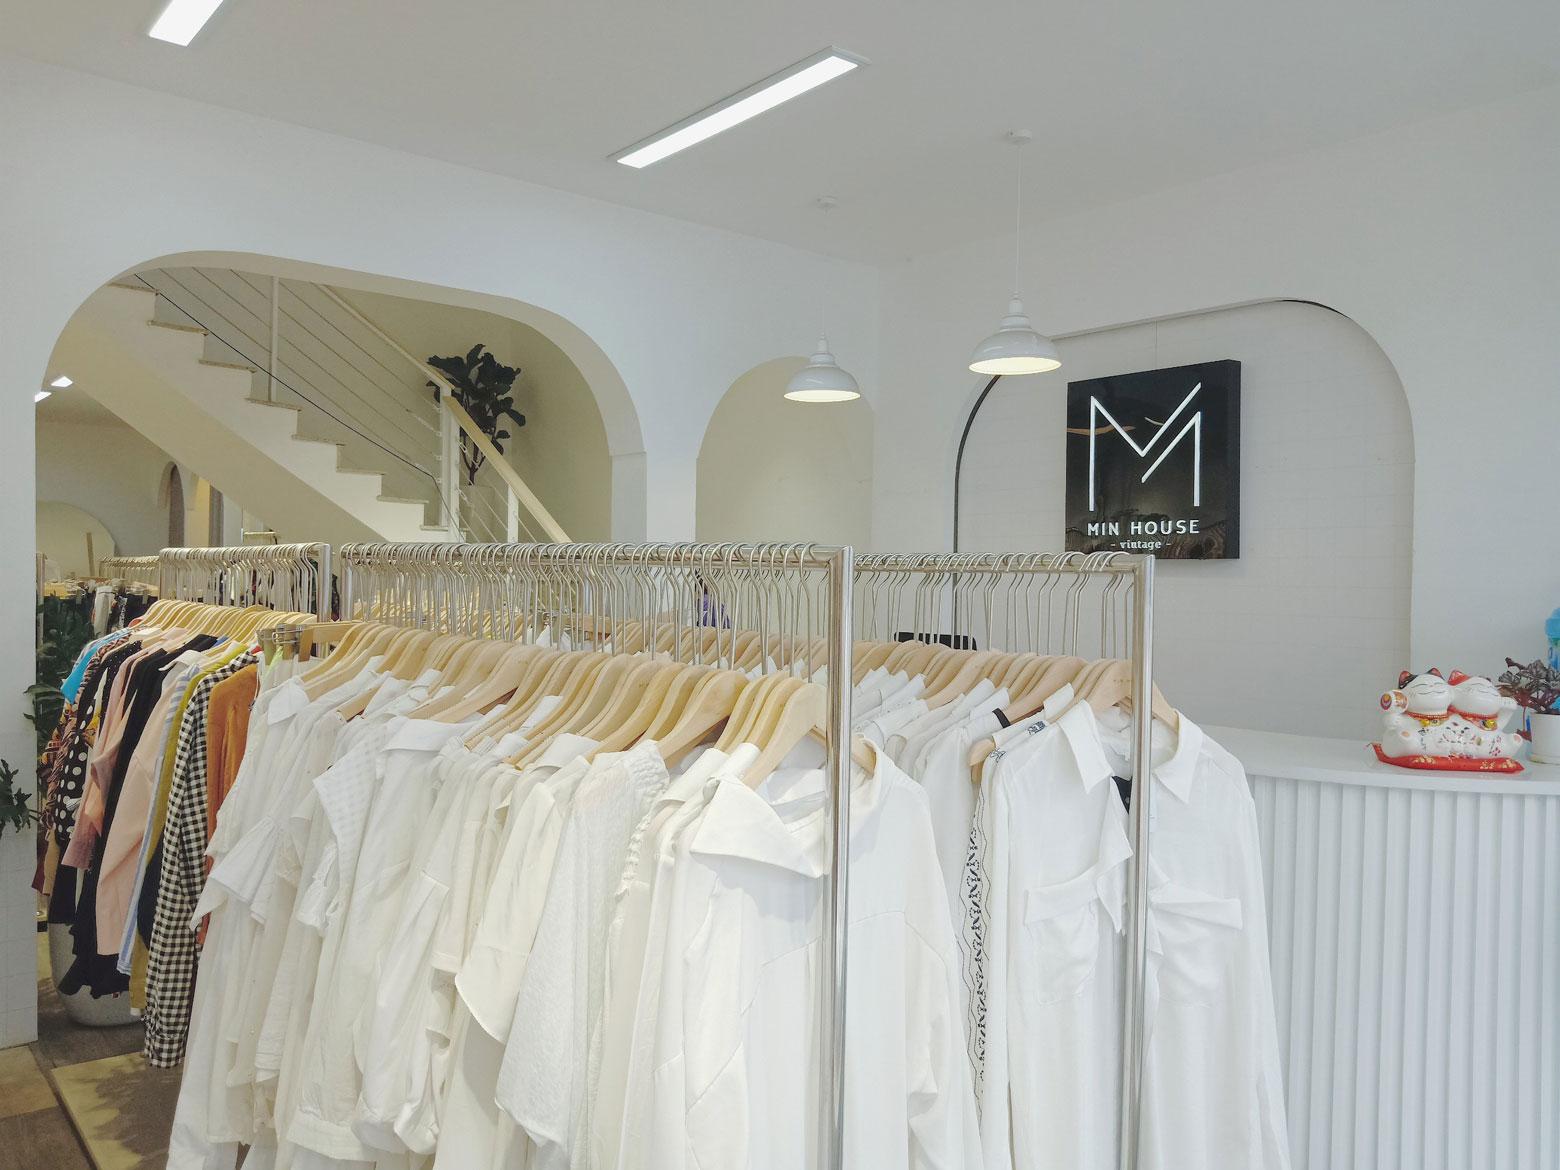 Danh sách các cửa hàng của Min House cho chị em mê đồ hàng thùng tham khảo